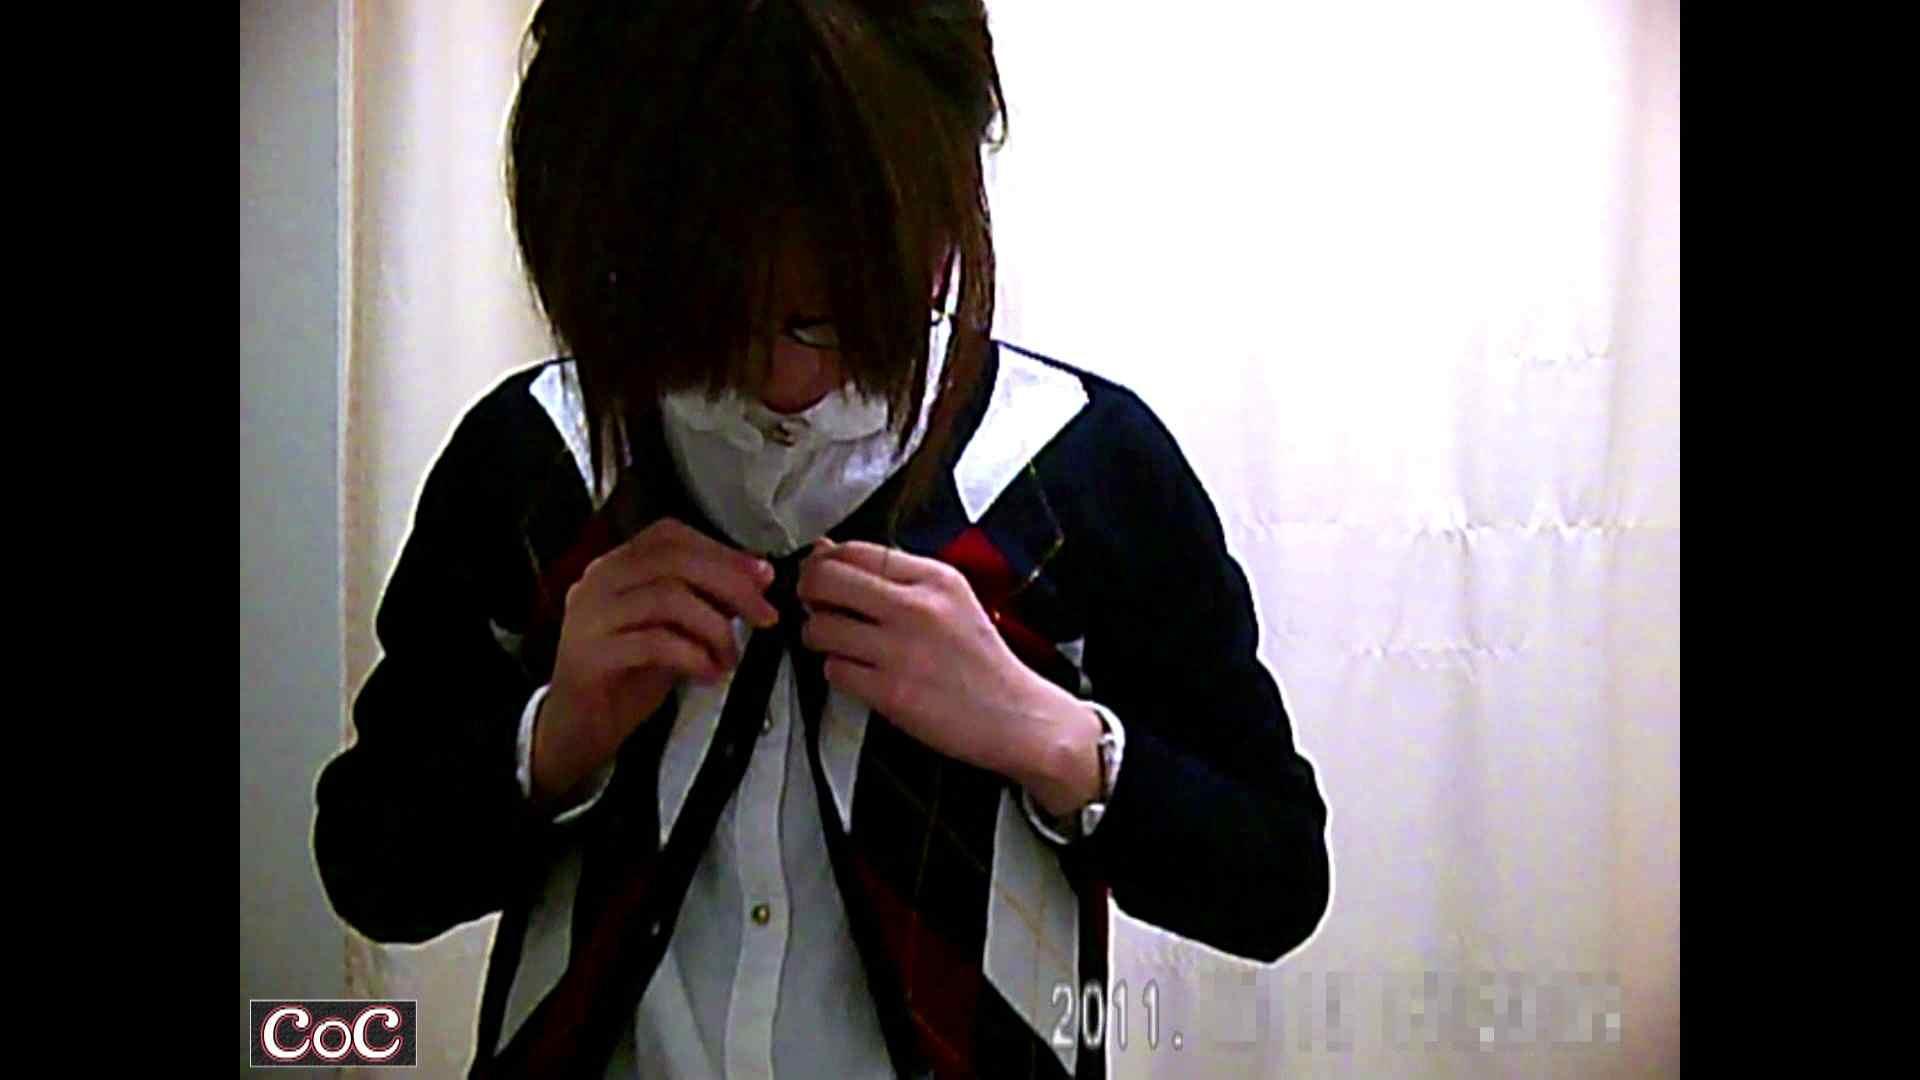 元医者による反抗 更衣室地獄絵巻 vol.239 OLハメ撮り  28Pix 25